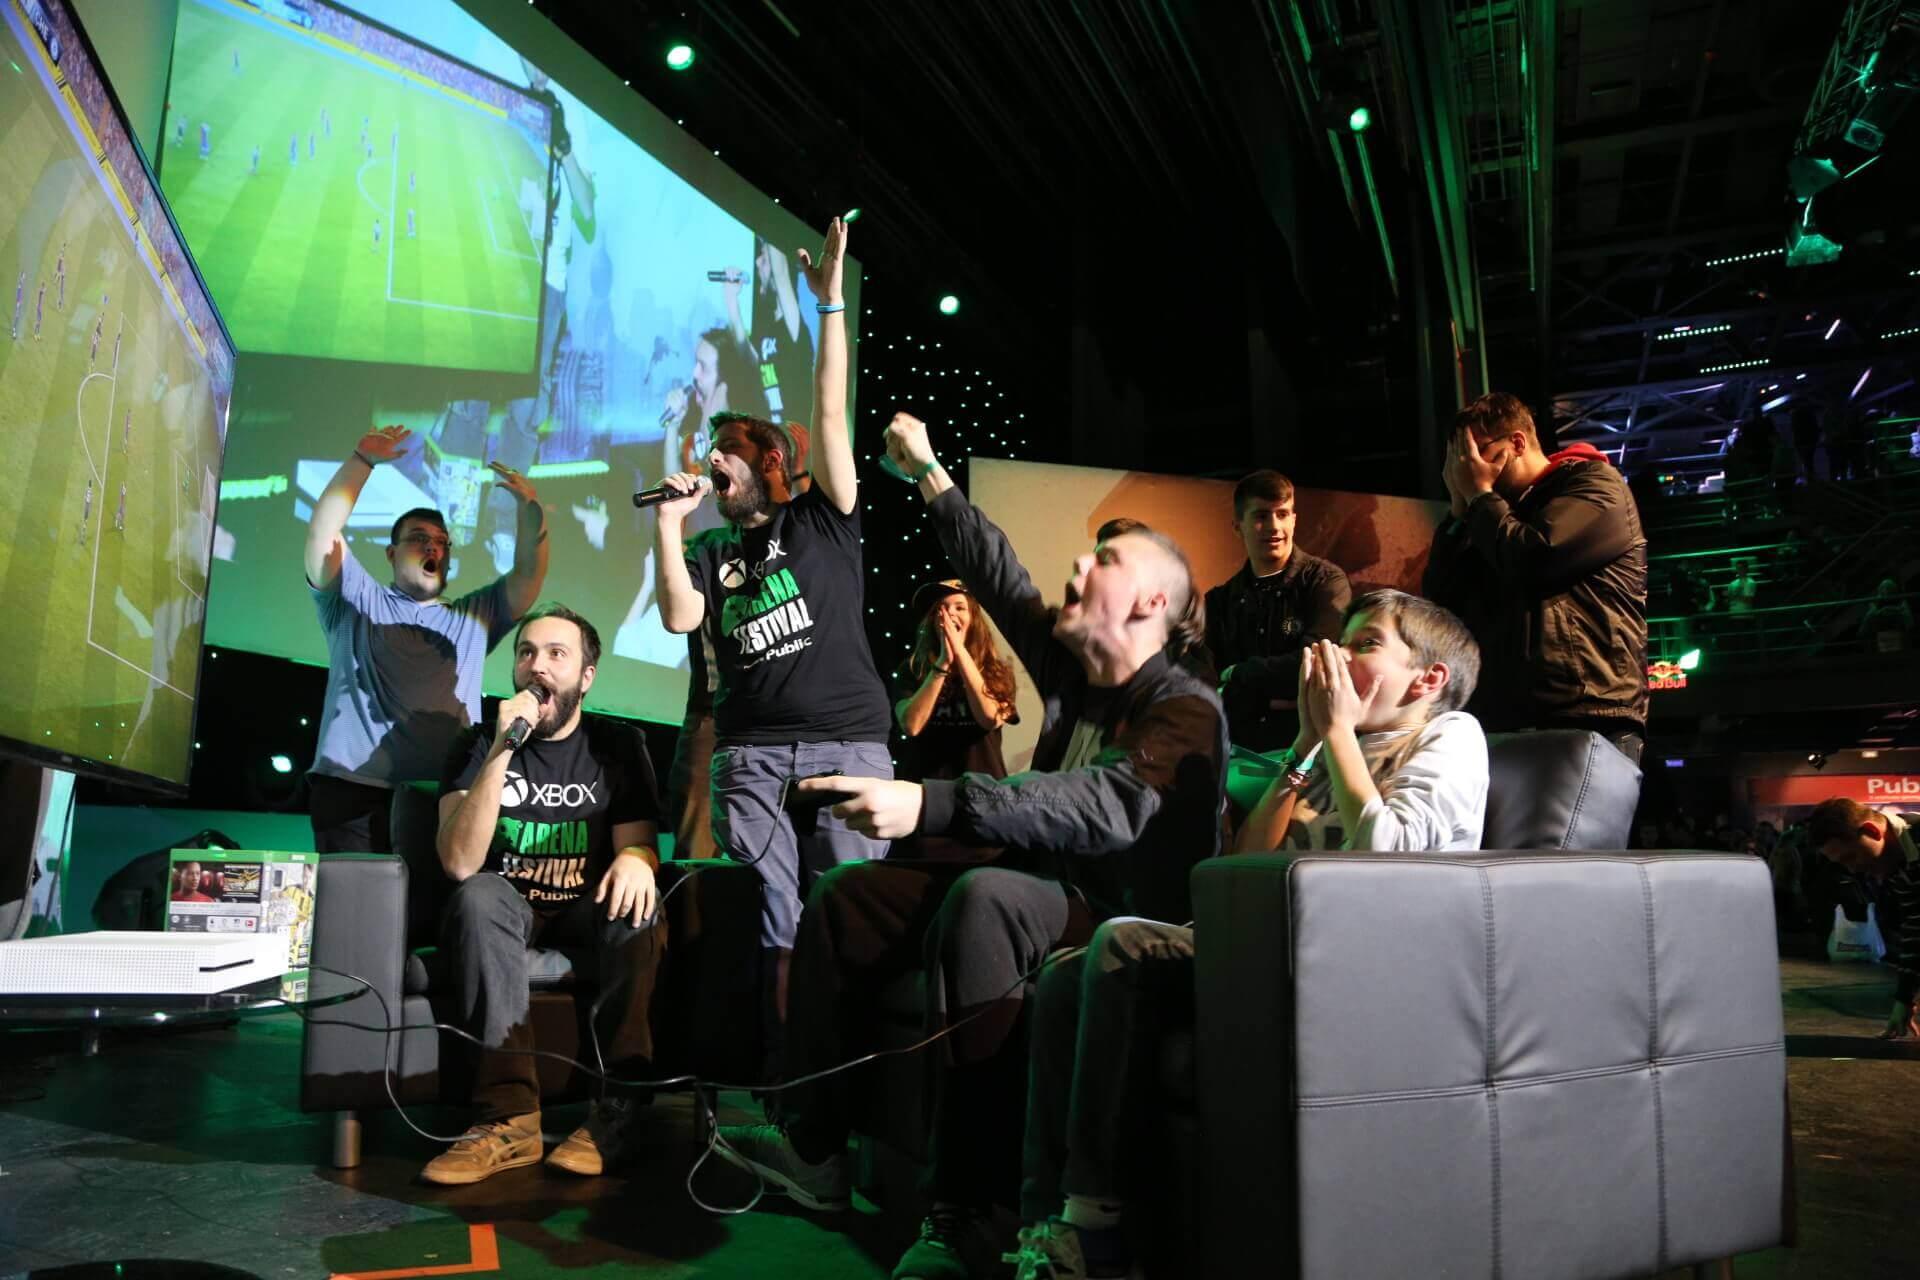 Μεγάλη επιτυχία το Xbox Arena Festival - videogamer.gr